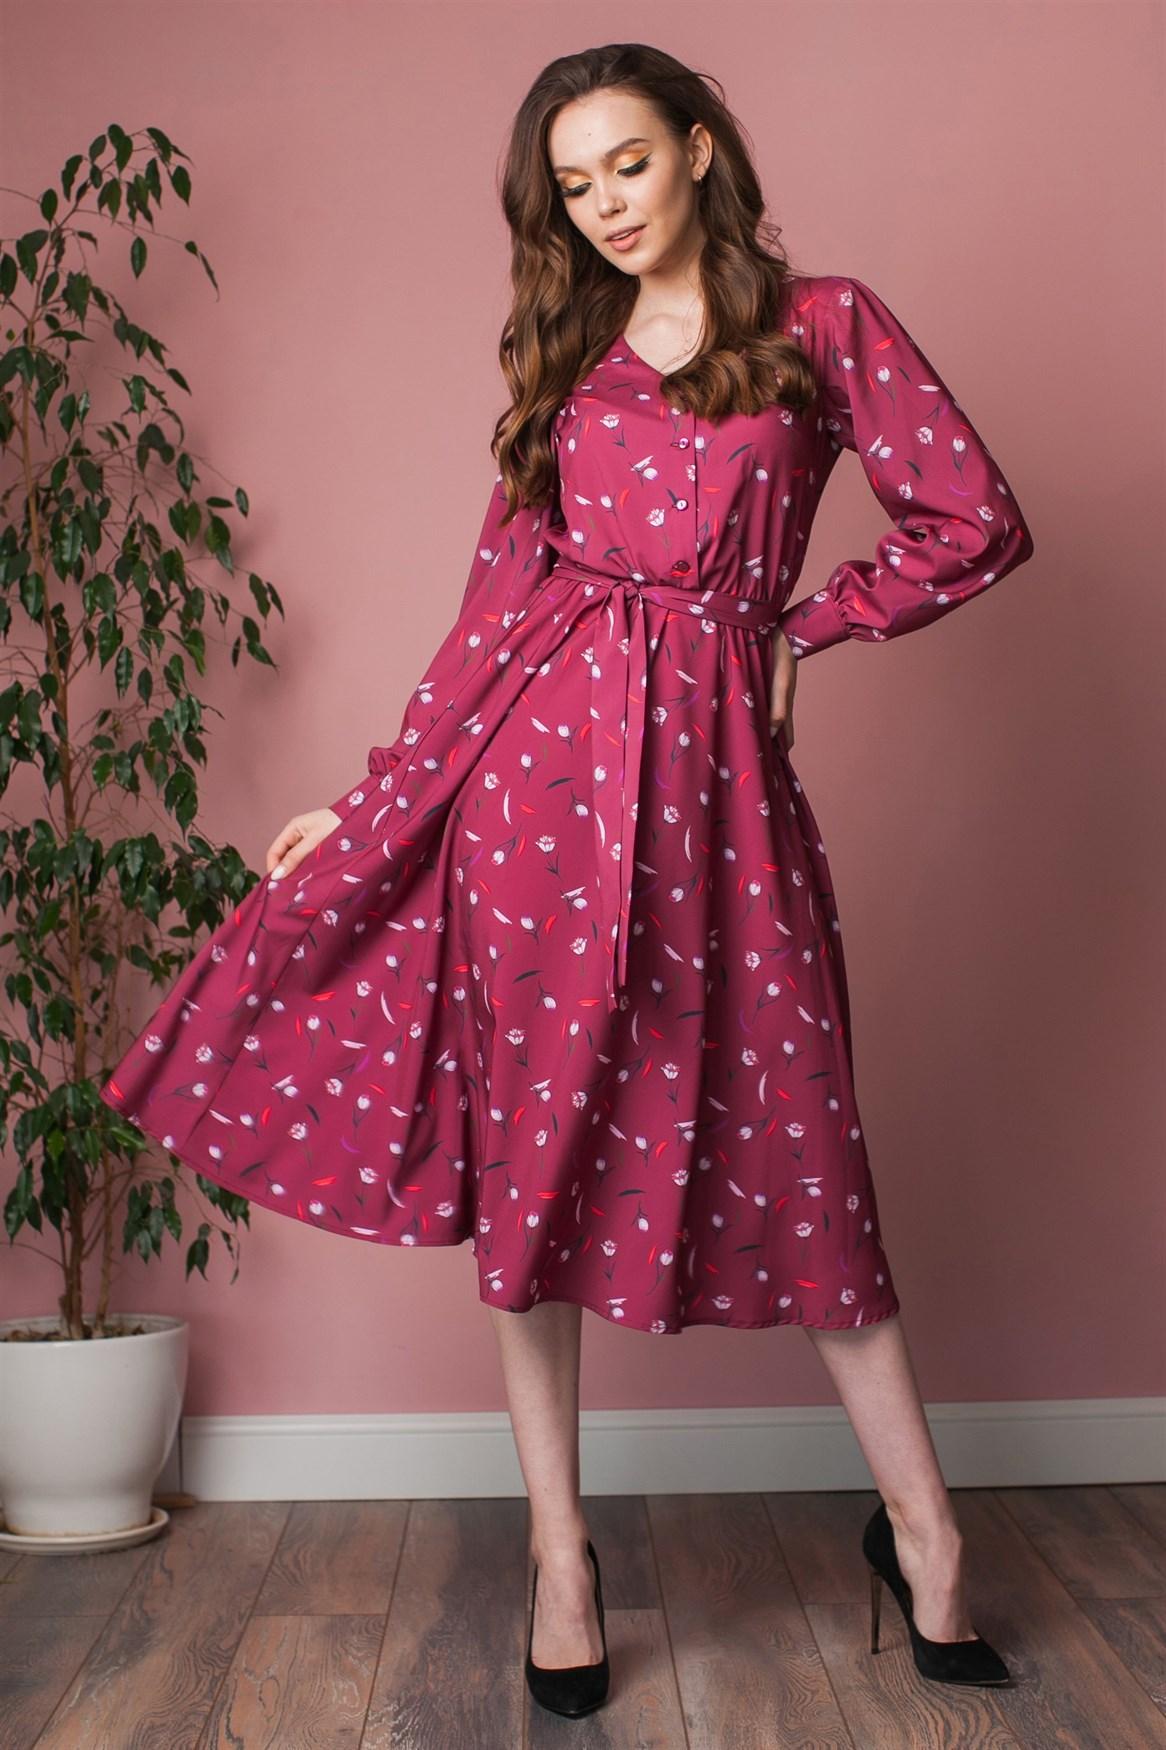 102-01 Платье - фото 12607